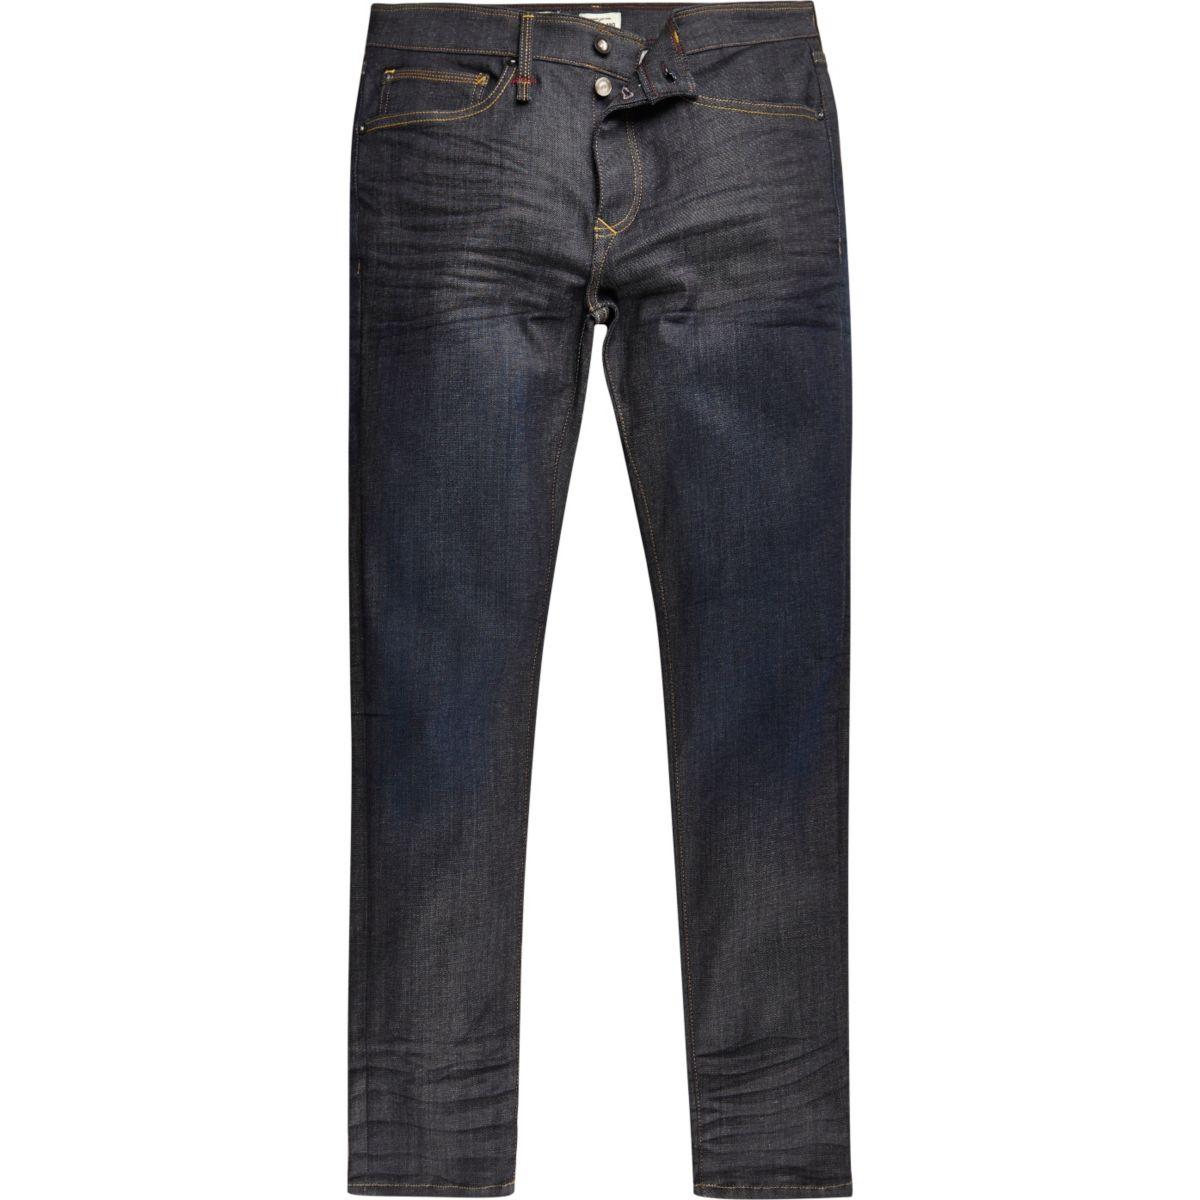 Sid – RI Flex – Dunkelblaue Skinny Jeans